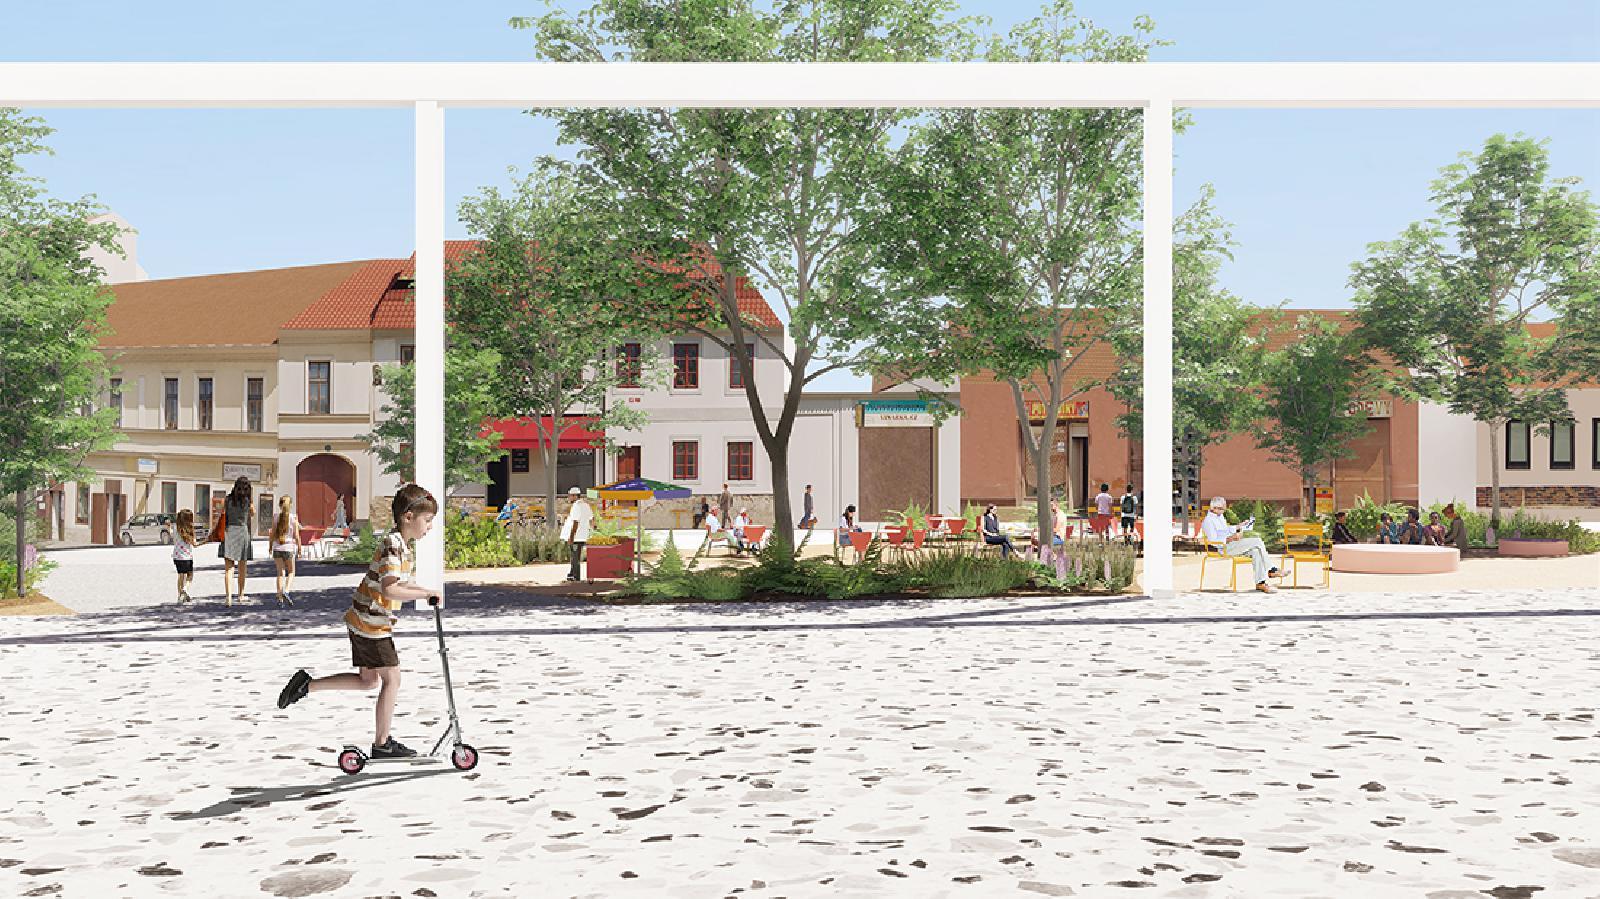 Zbraslav Square